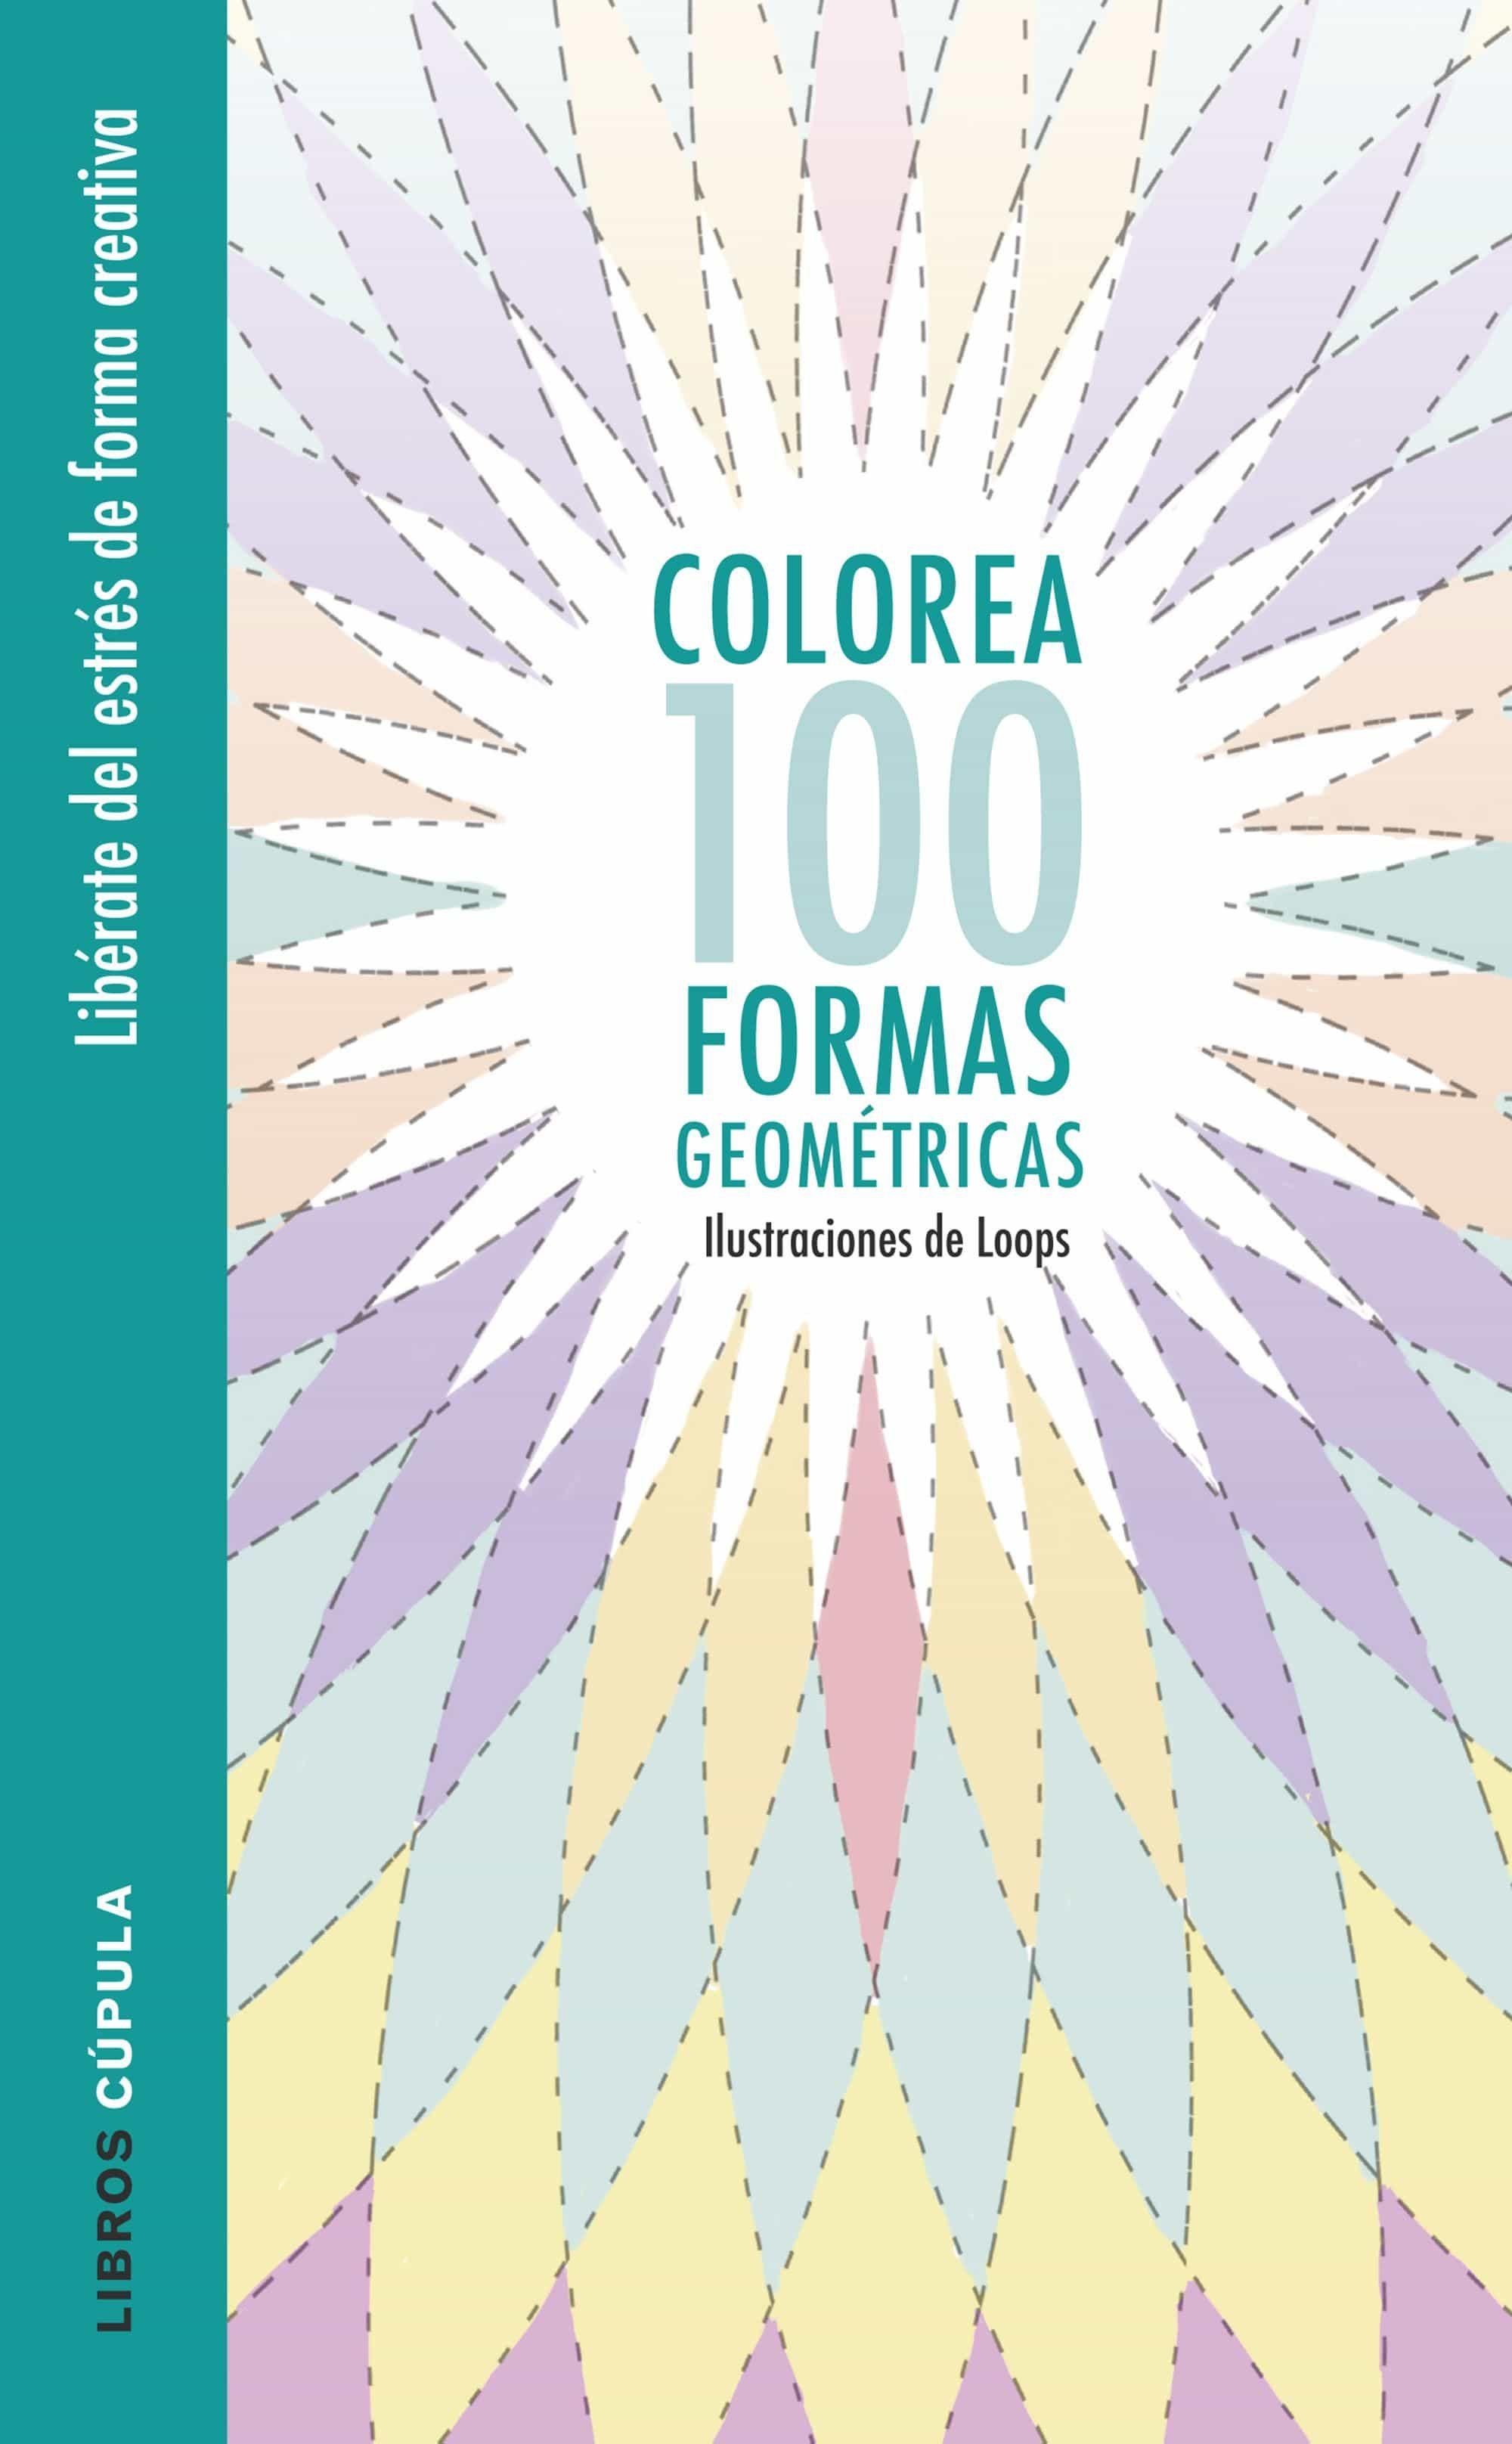 COLOREA 100 FORMAS GEOMETRICAS | LOOPS | Comprar libro 9788448022044